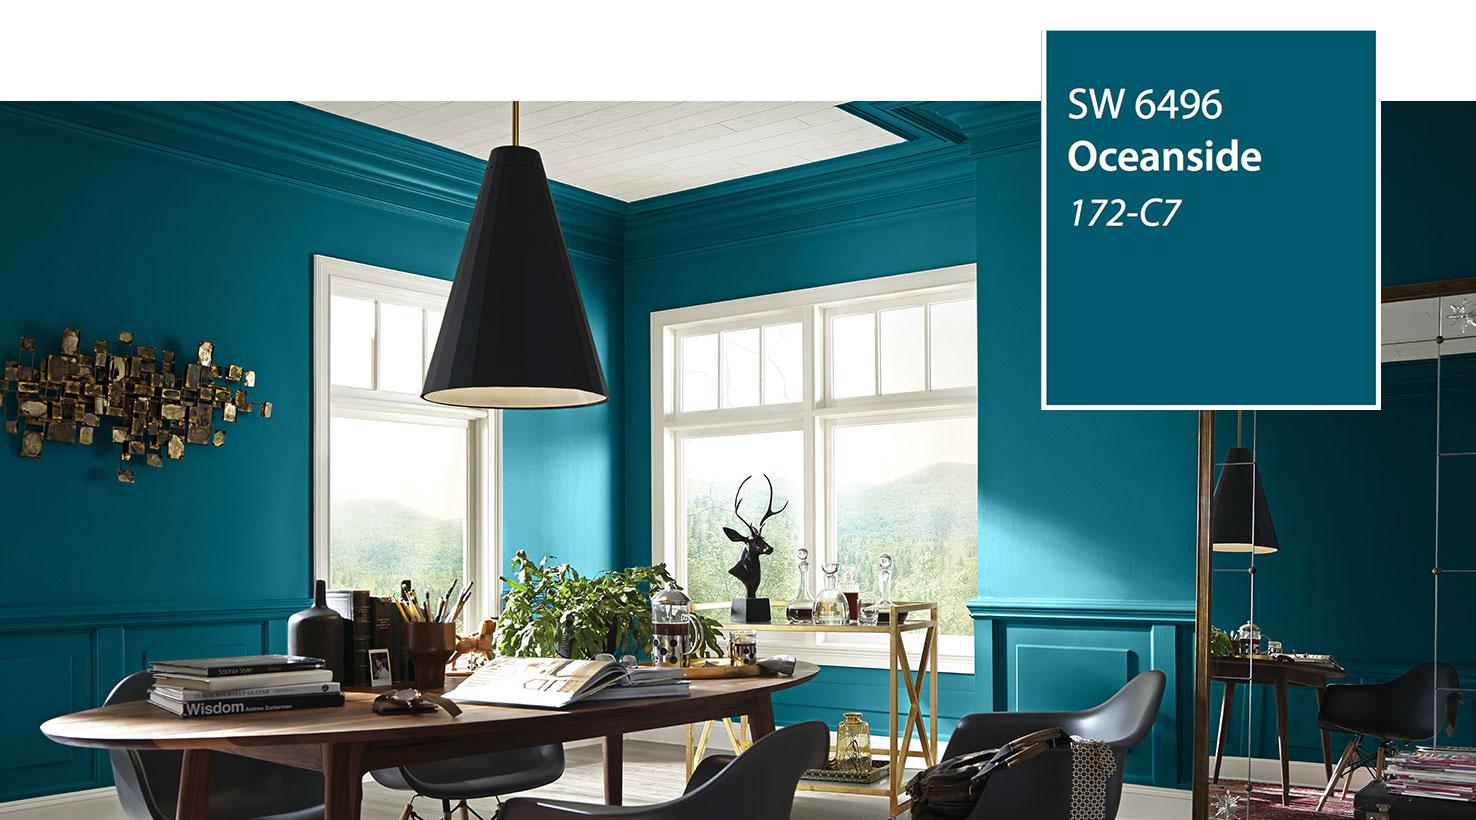 sw-img-coty18-oceanside-4.jpg